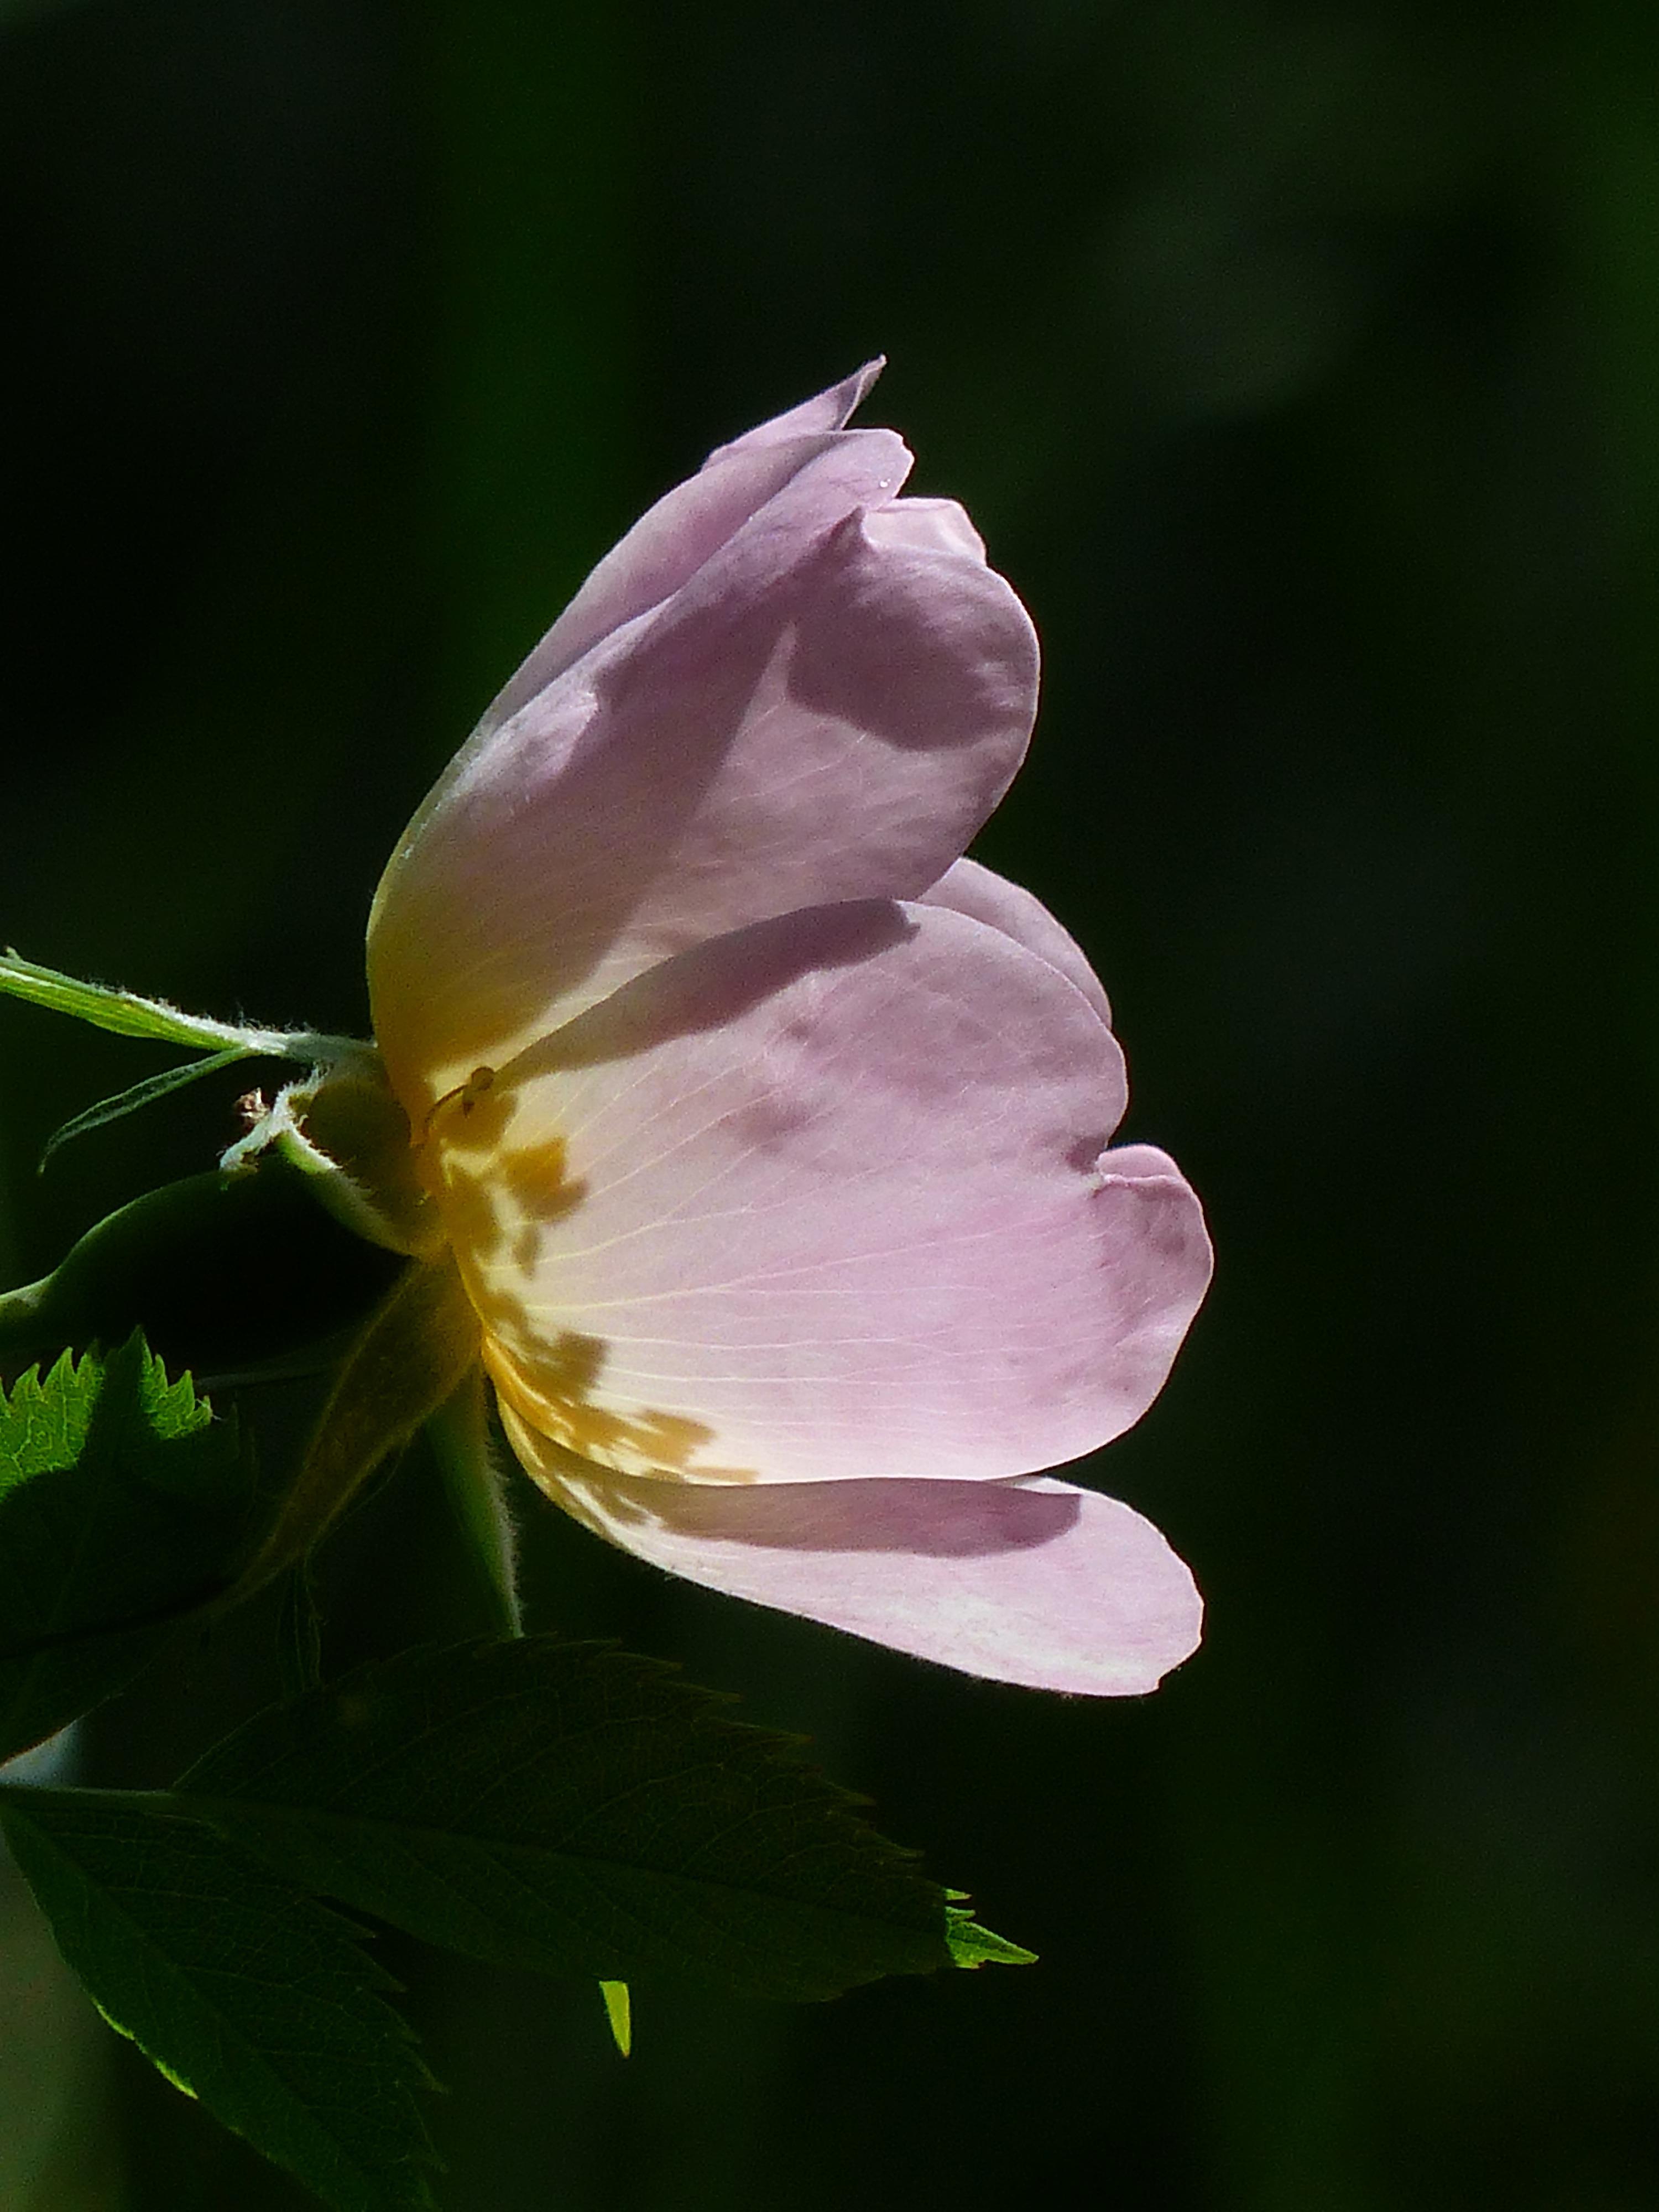 dog-rose-rose-bloom-pink-light-pink-67570.jpeg